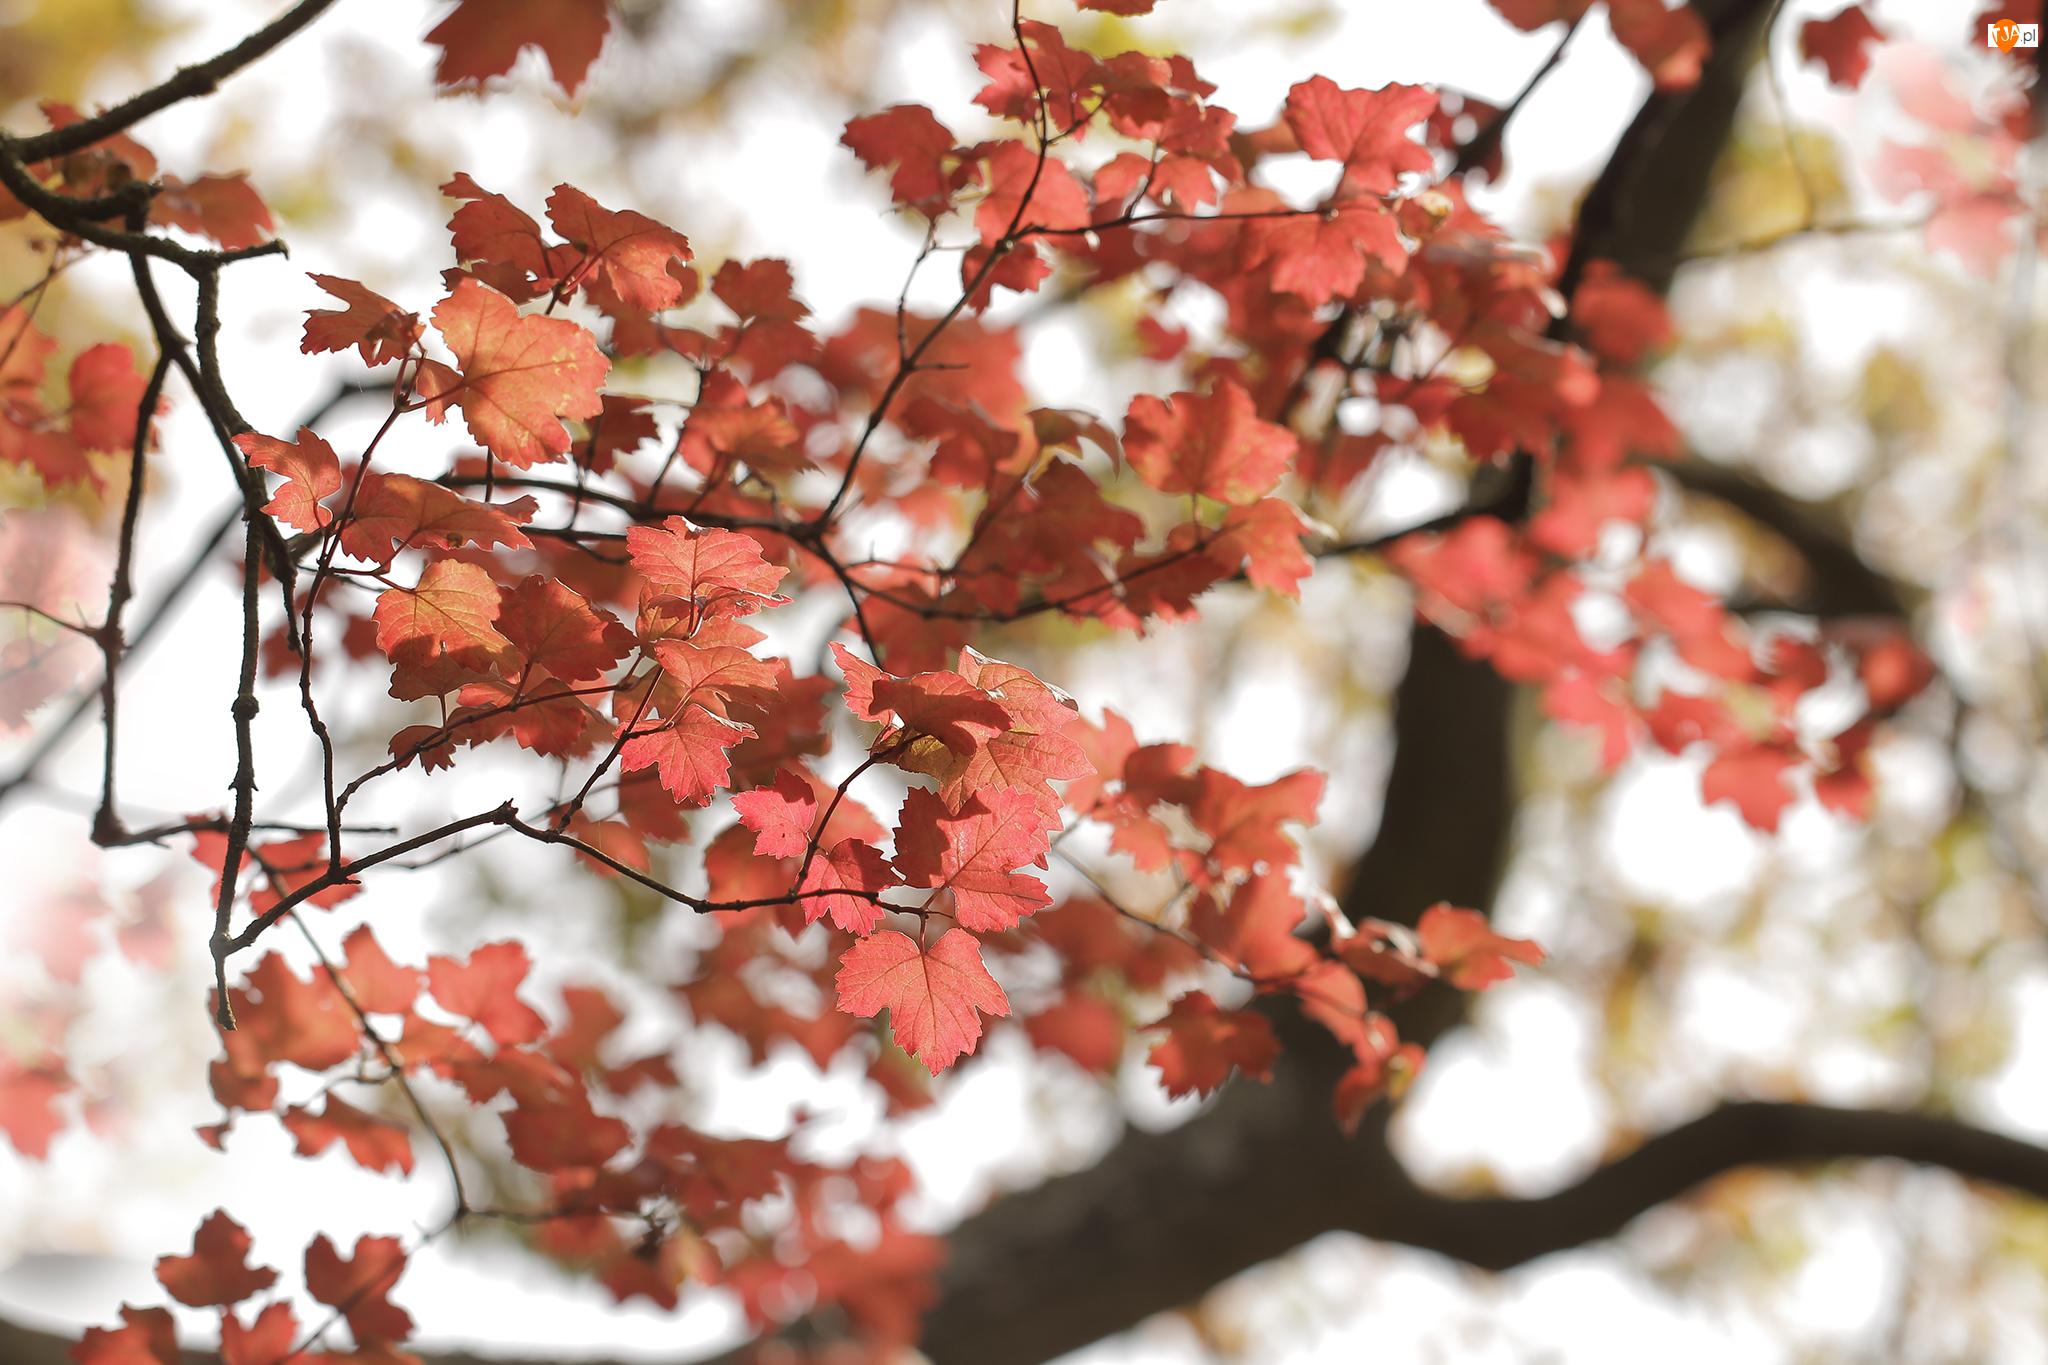 Liście, Gałązki, Czerwone, Jesienne